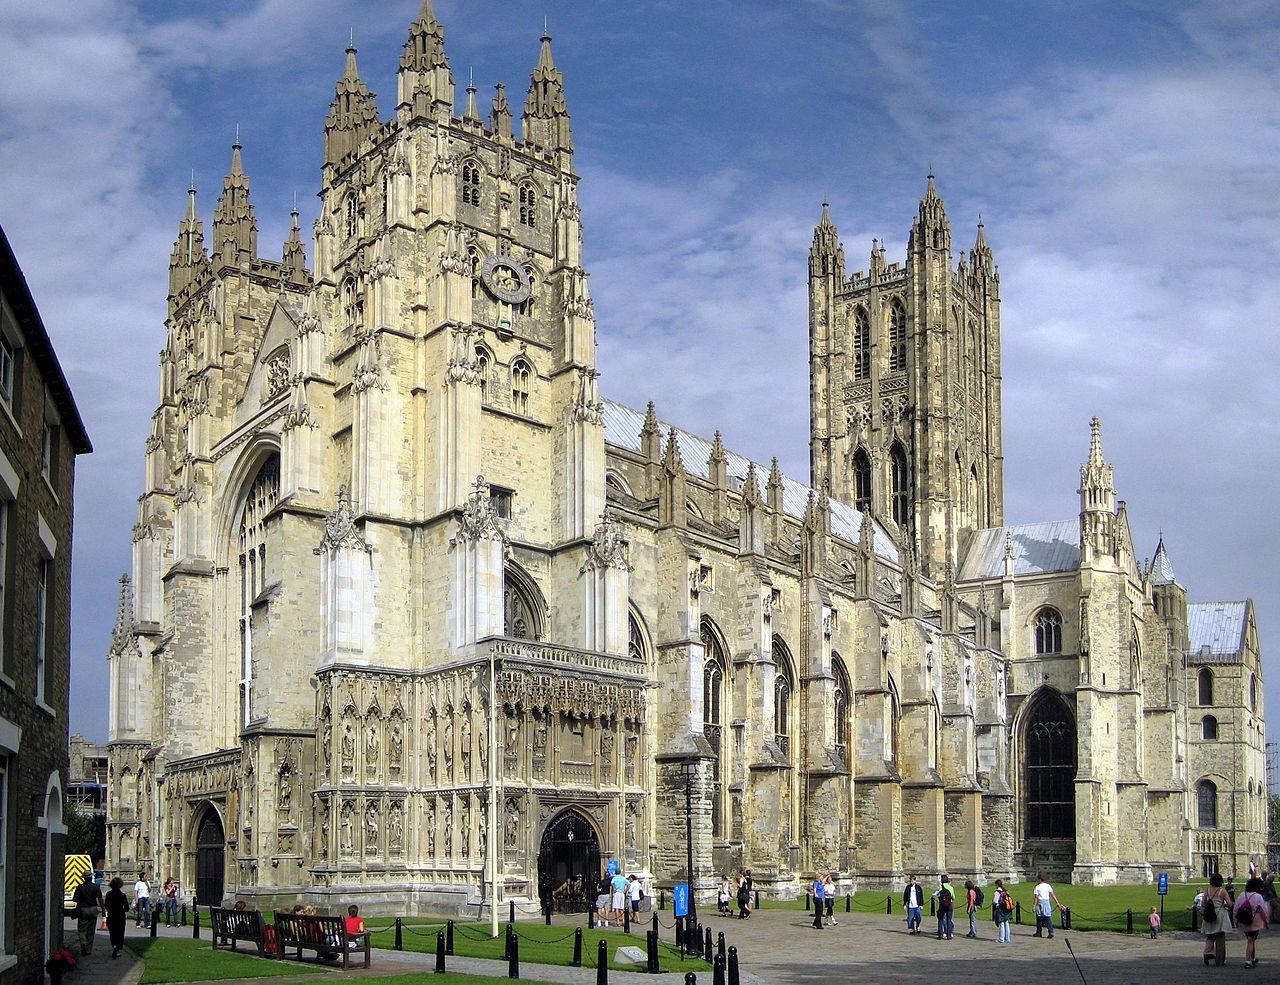 קתדרלת קנטרברי, קתדרלה גותית של הכנסייה האנגליקנית ואחד האתרים הנוצריים העתיקים והחשובים בבריטניה. הקתדרלה היא מושב הארכיבישוף של קנטרברי, שהוא הפרימוס של אנגליה כולה והמנהיג הדתי של הכנסייה האנגליקנית